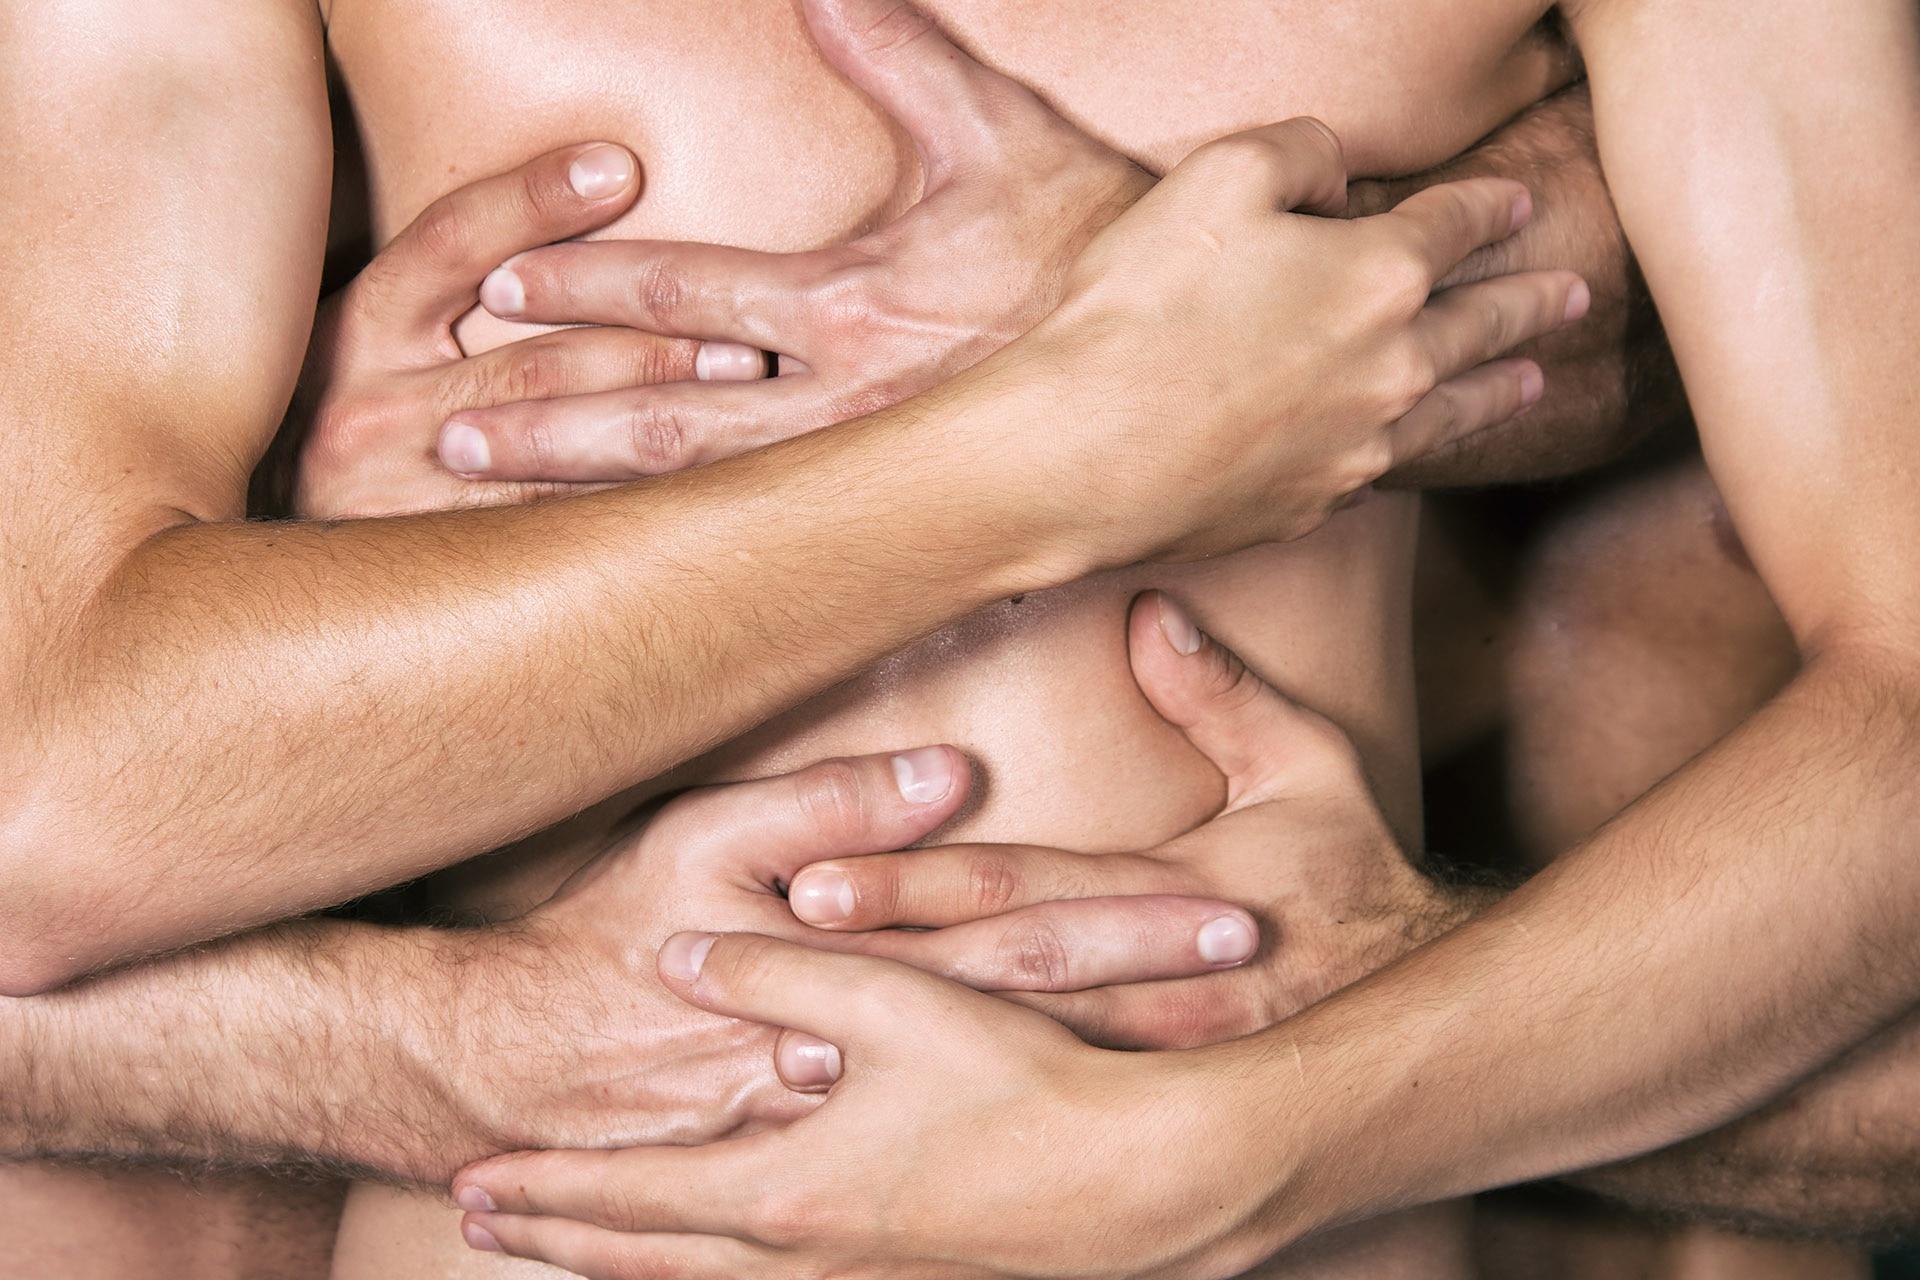 Amas Castrando Al Esclavo Porno la psicología detrás de los tríos sexuales, una fantasía